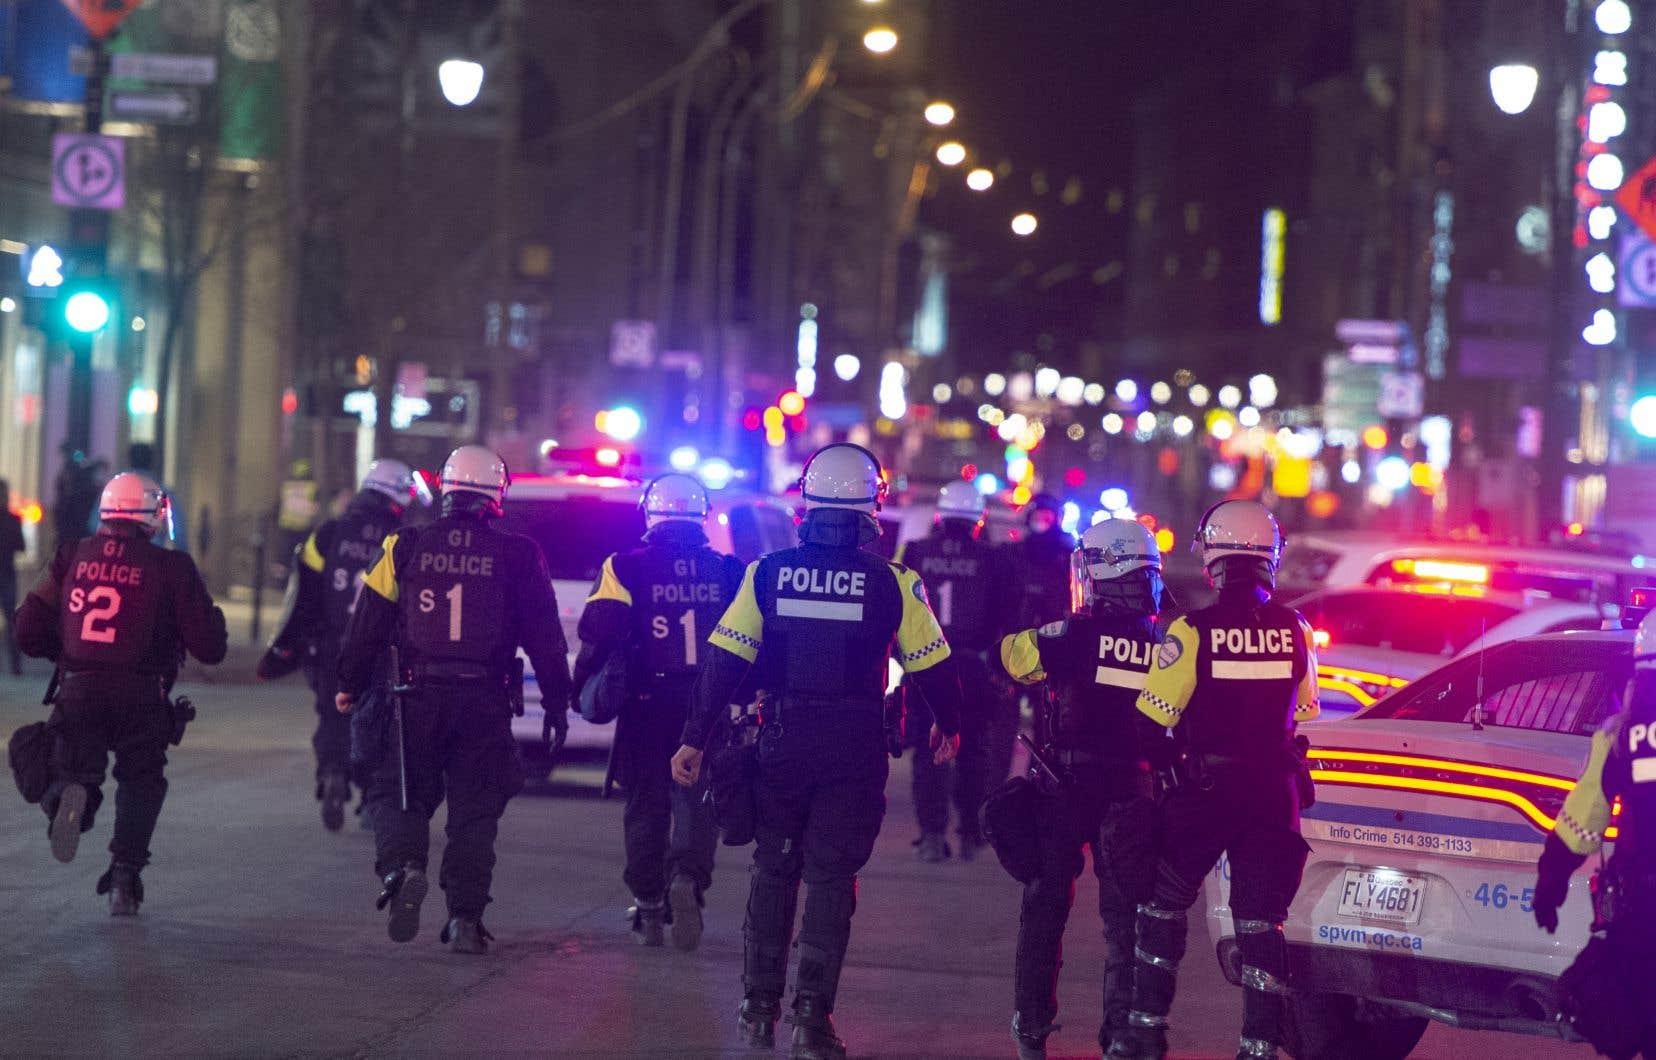 Entre les 5 et 11avril, les corps policiers du Québec ont distribué 1252 constats d'infraction, selon les données publiées lundi par le ministère de la Sécurité publique.